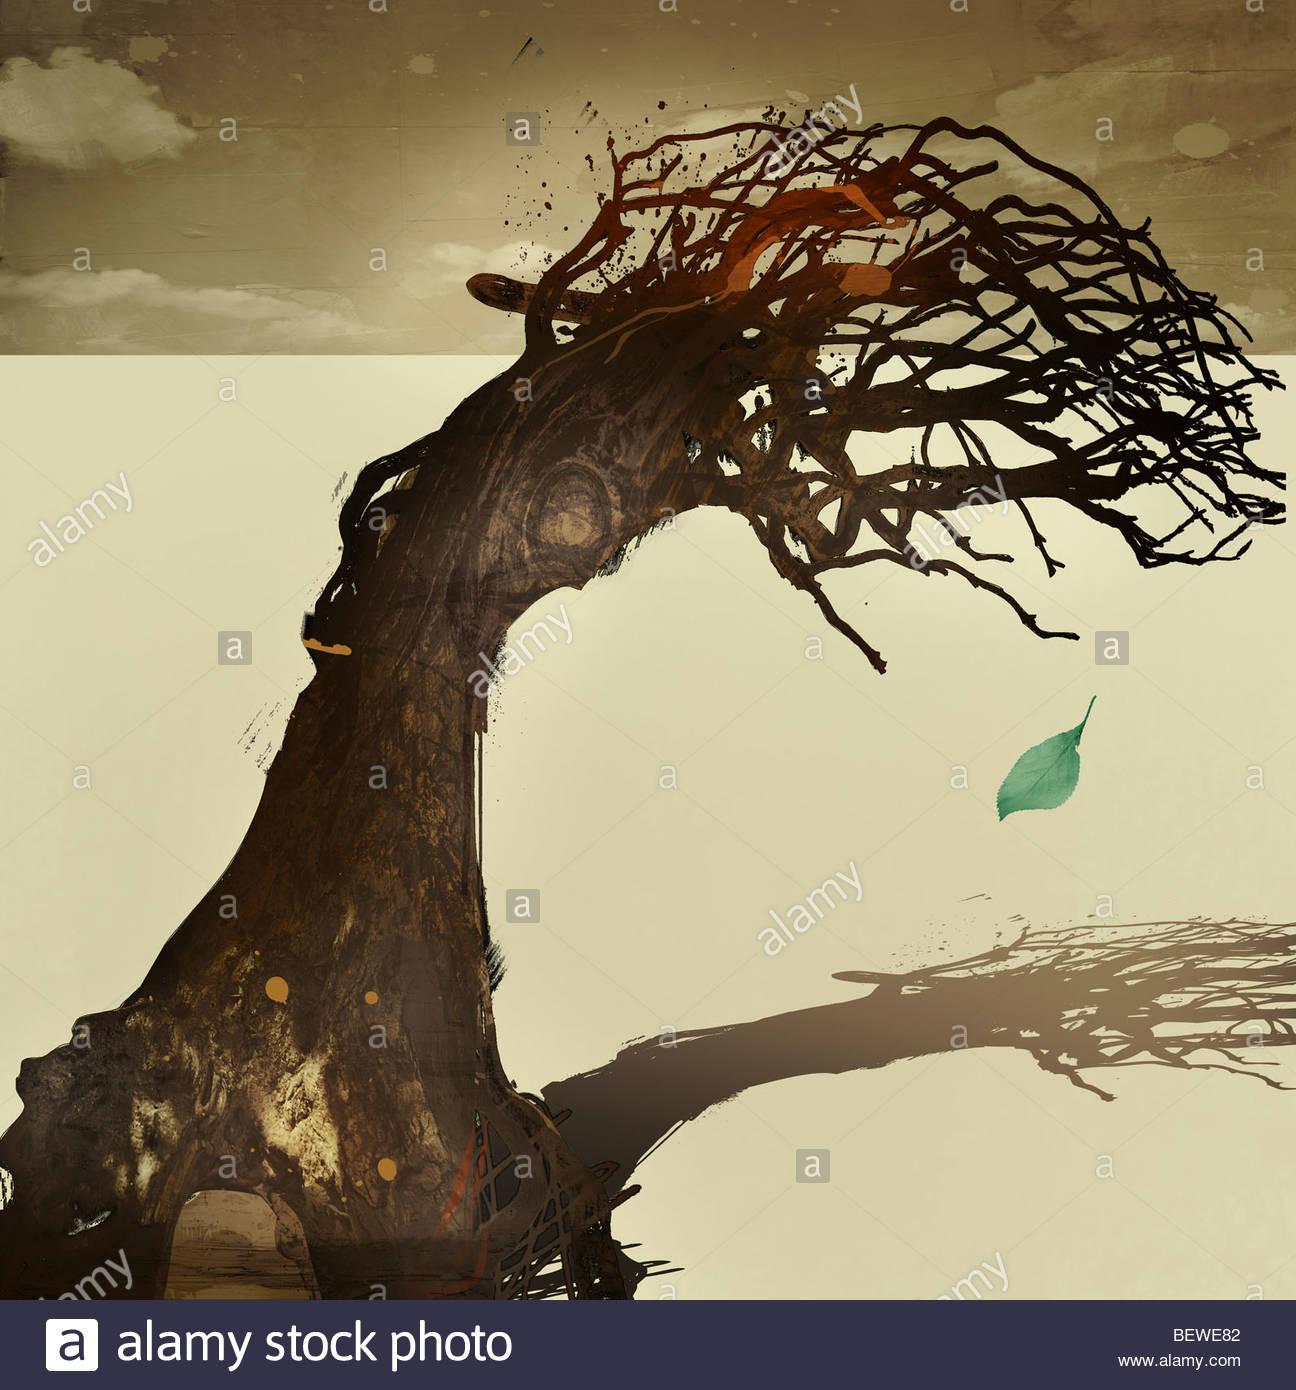 Toter Baum mit grünen Blatt fallen ausStockfoto